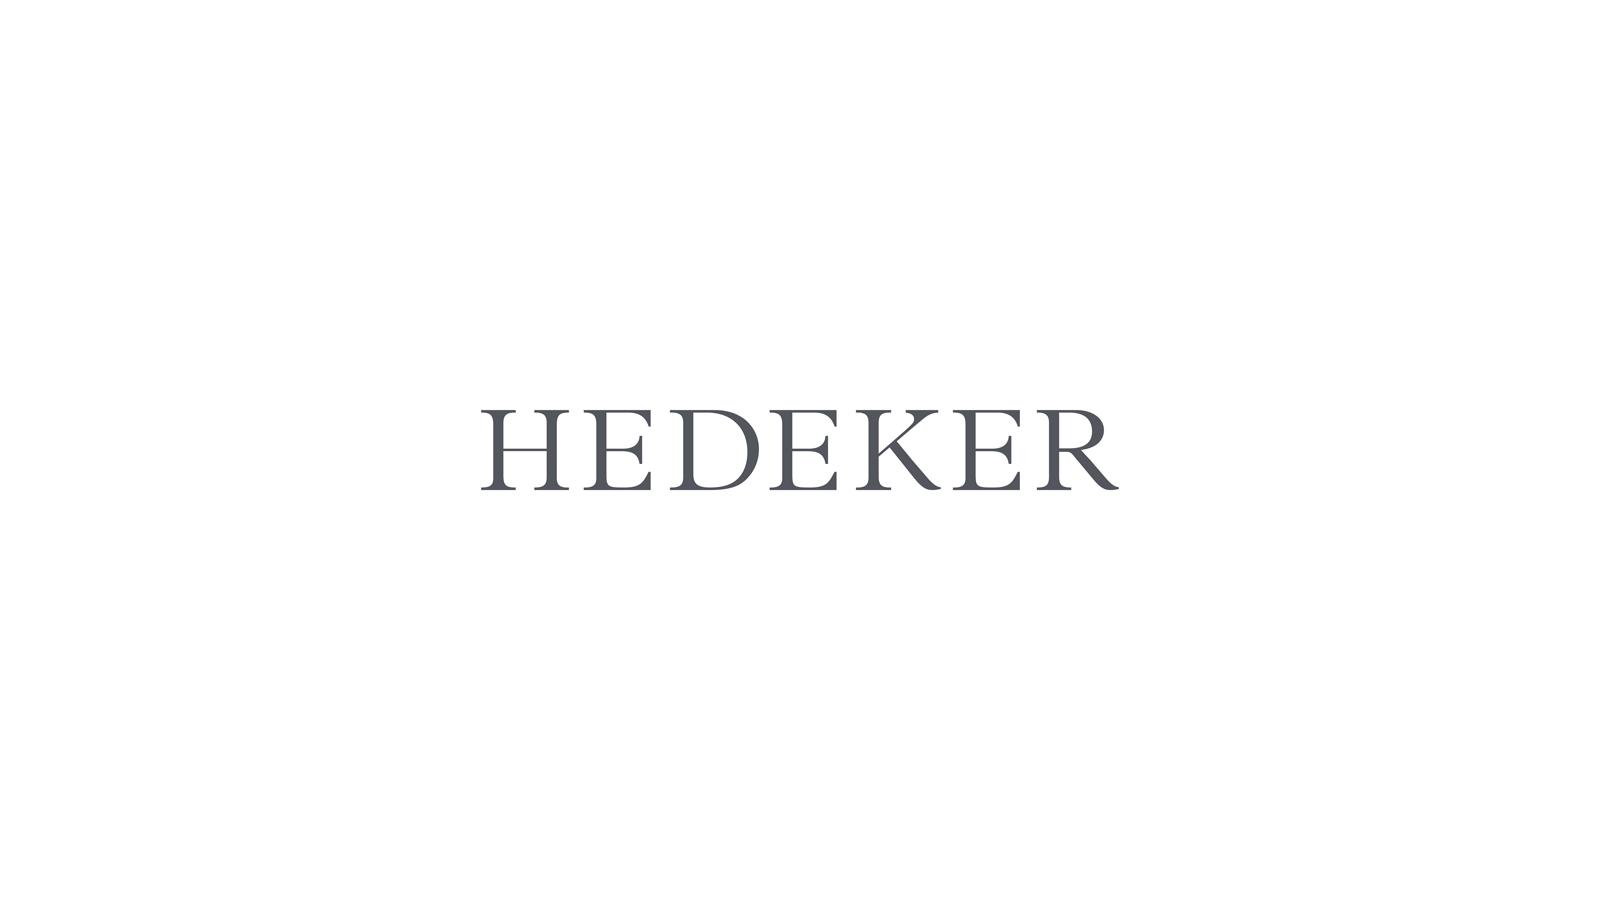 Hedeker